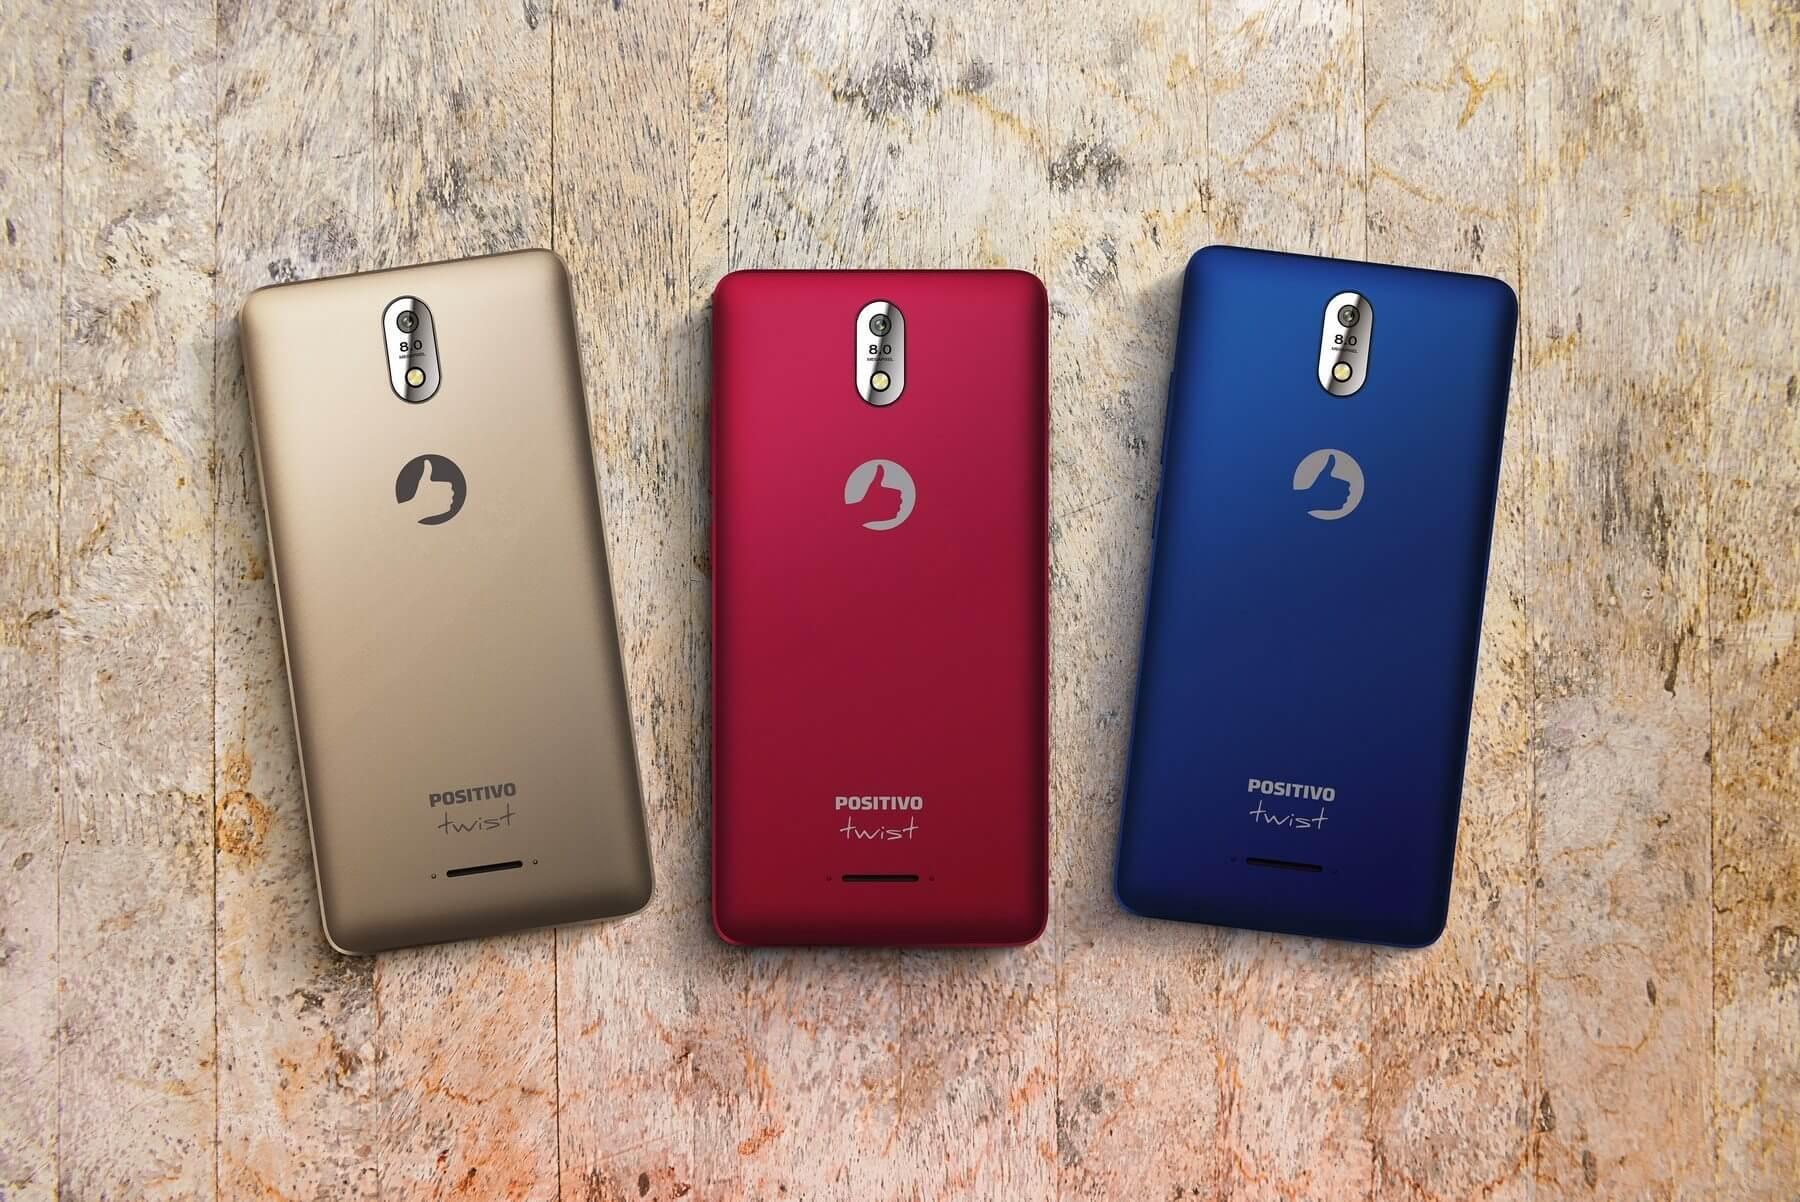 smt PositivoTwist P0 - Linha Positivo Twist chega ao mercado com 3 novos aparelhos